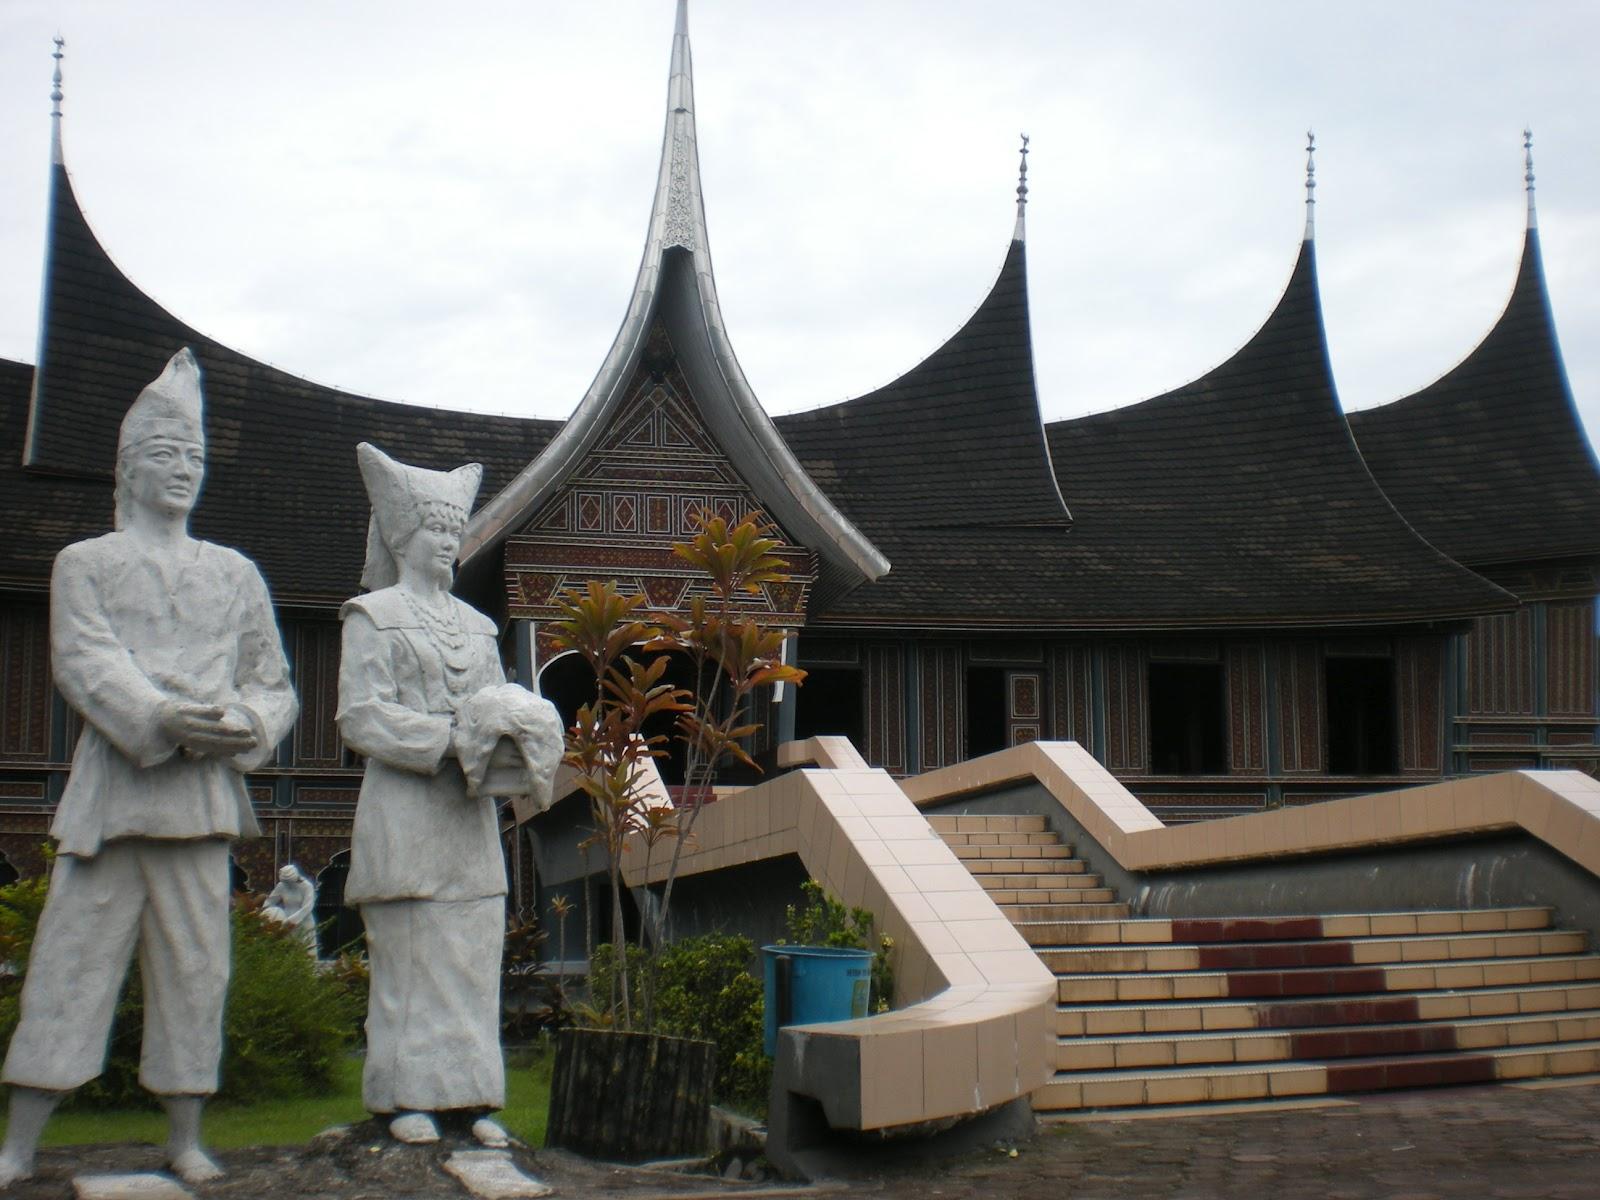 Musem Adityawarman Kota Padang.